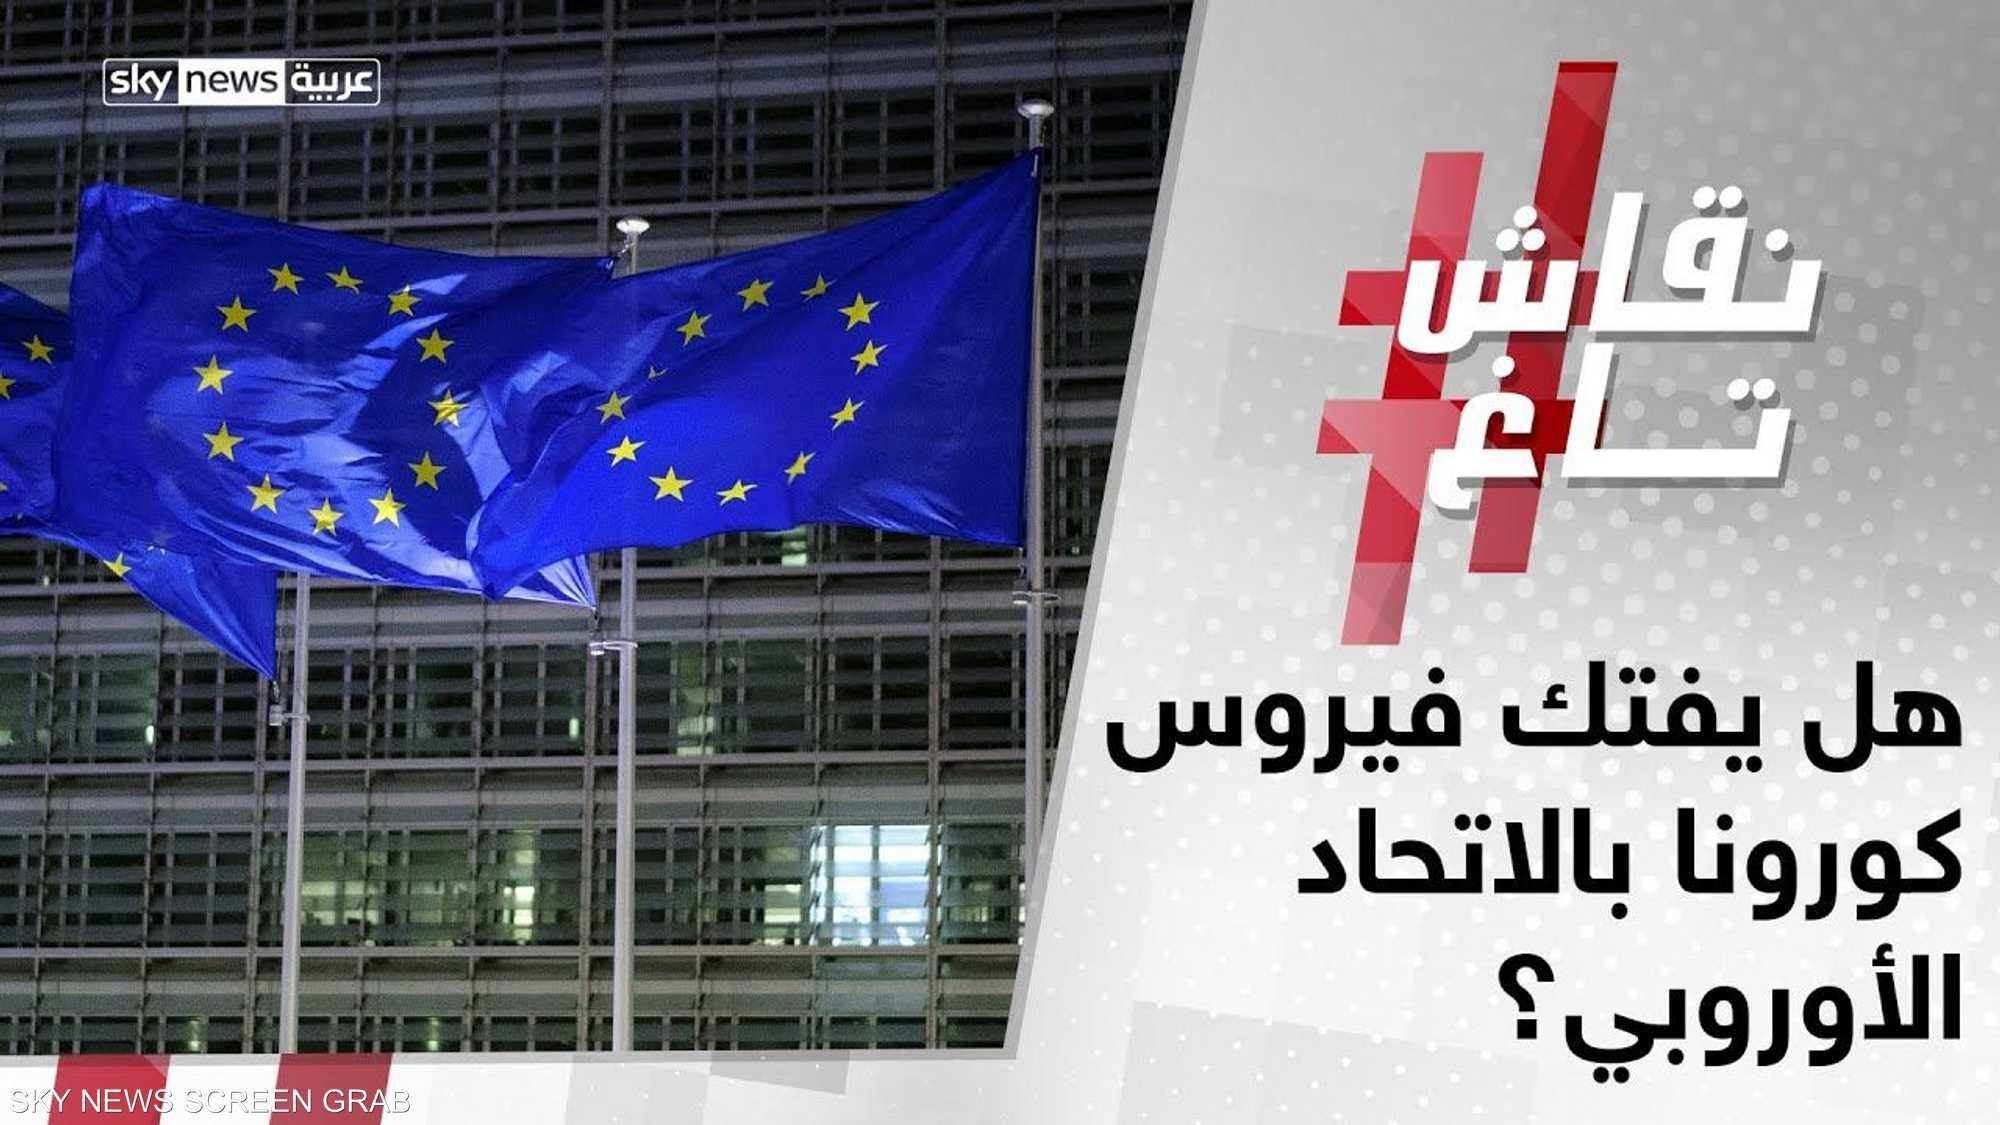 هل يفتك فيروس كورونا بالاتحاد الأوروبي؟.. مع أم ضد؟